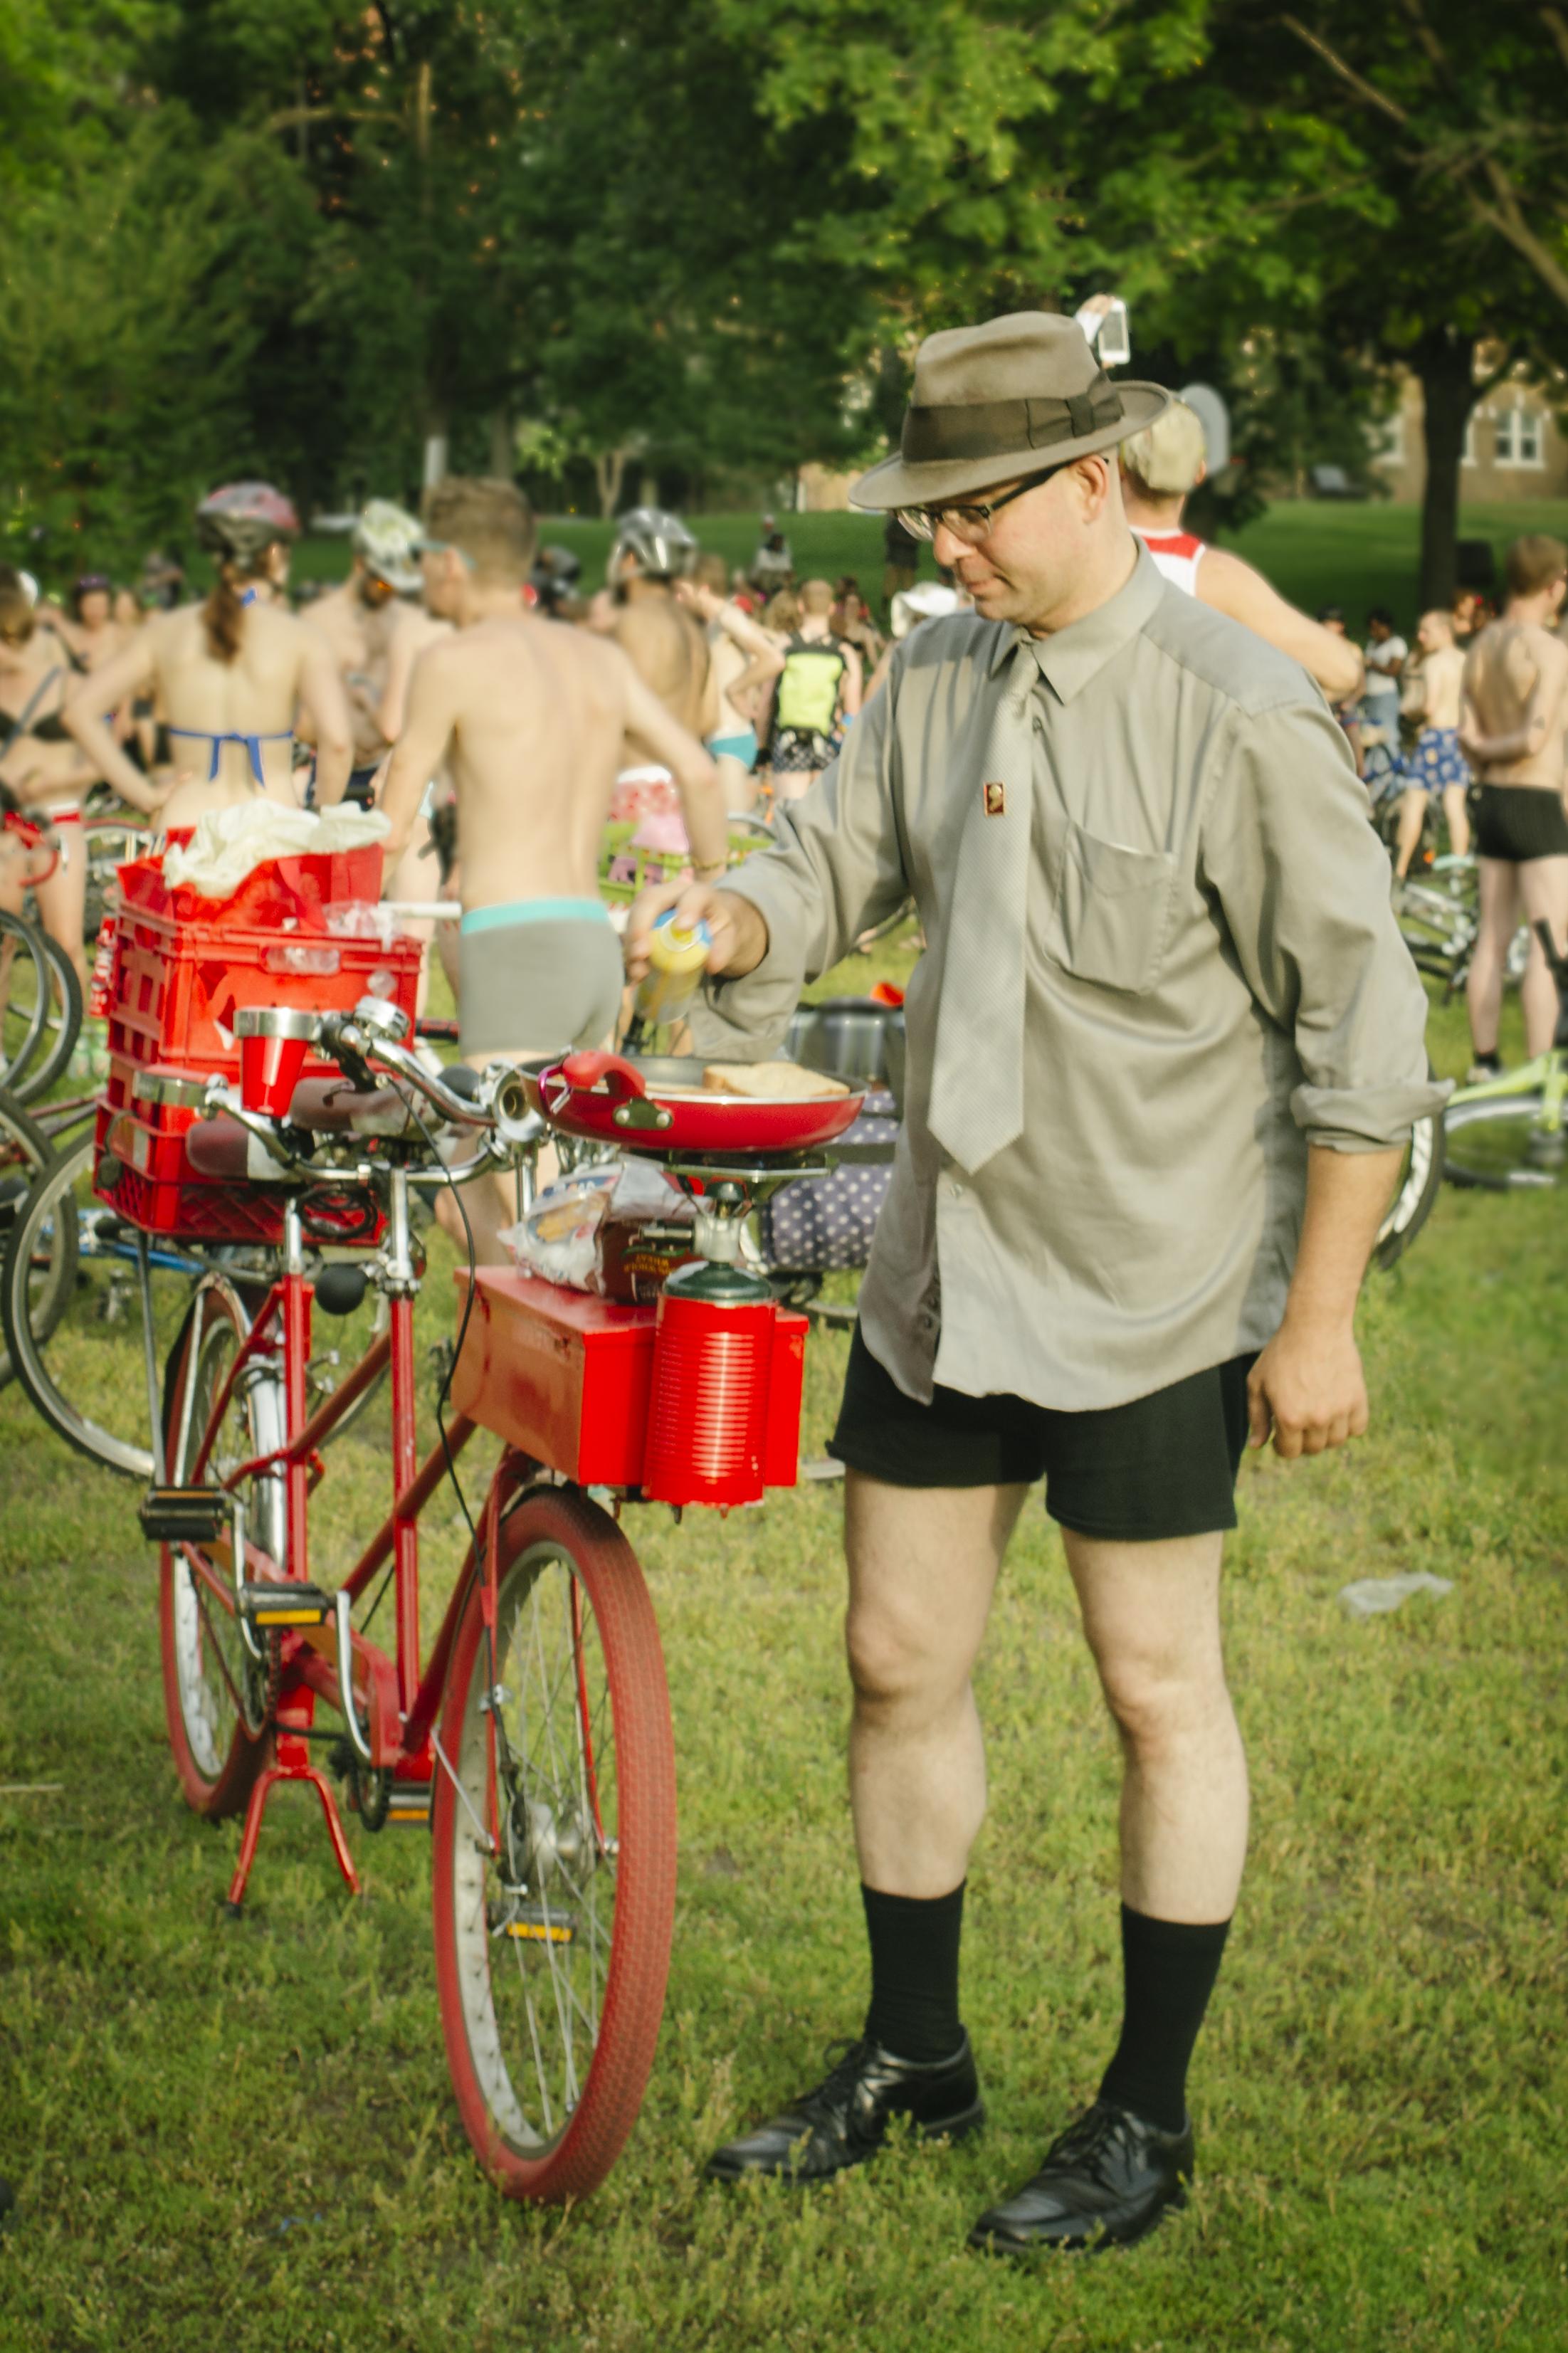 redbike-1_14656972223_o.jpg